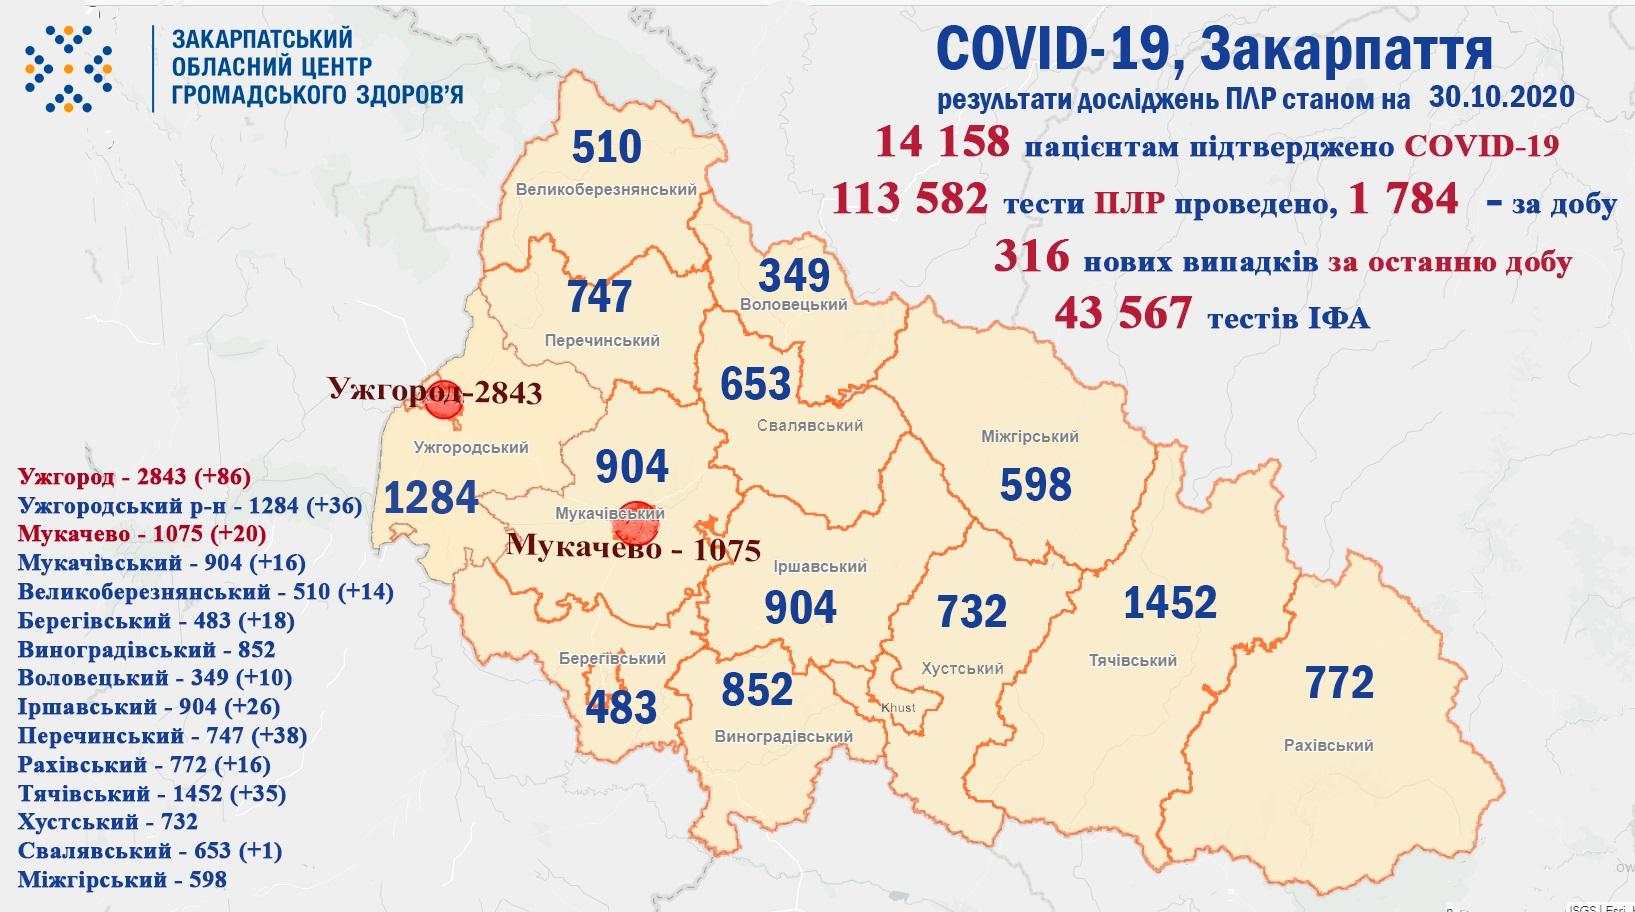 На Закарпатті за добу виявлено 316 випадків COVID-19, п'ятеро пацієнтів померло